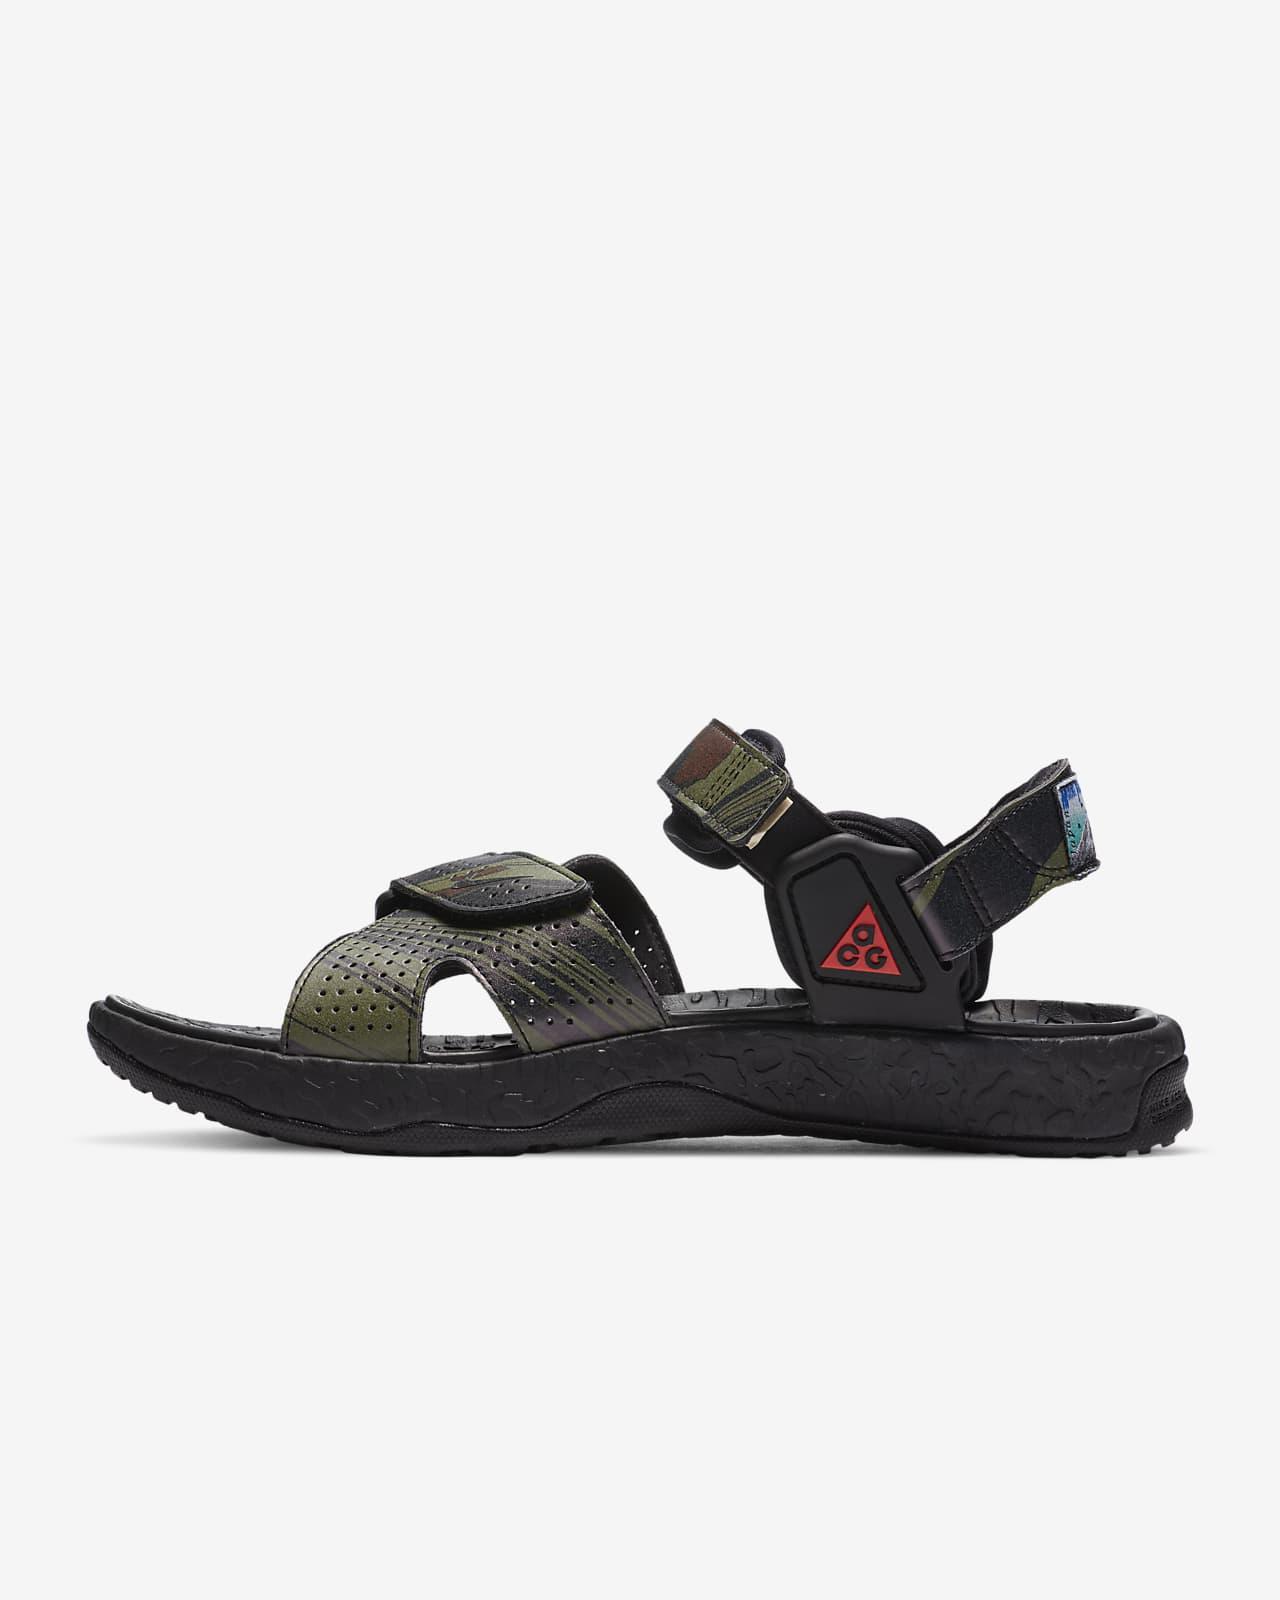 รองเท้าแตะ Nike ACG Deschutz Mt. Fuji